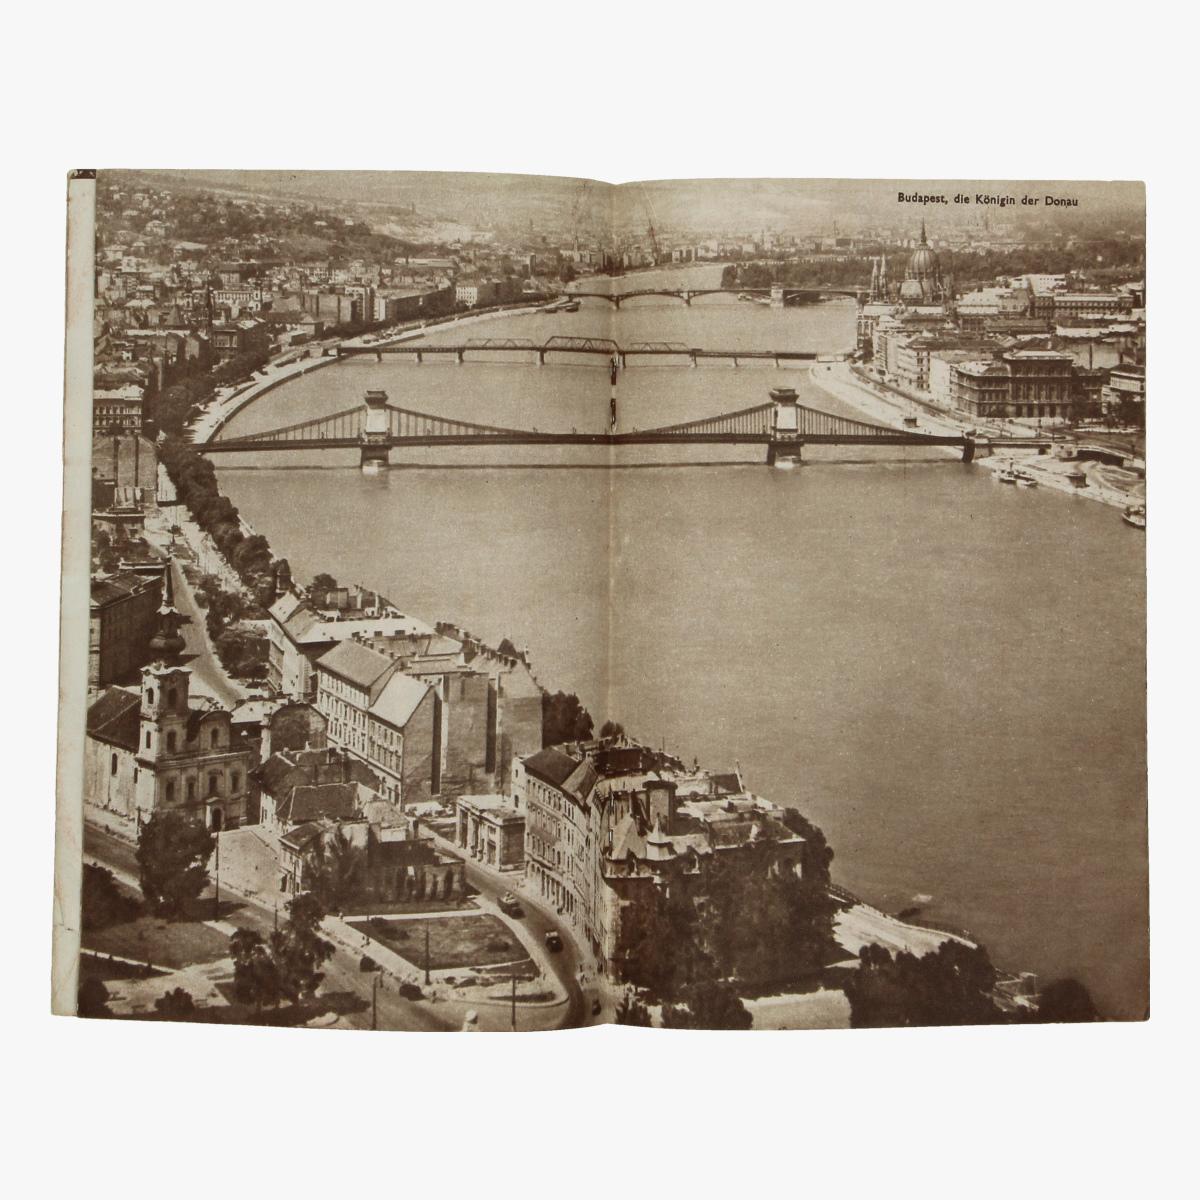 Afbeeldingen van expo 58 kleines ungarisches bilderbuch